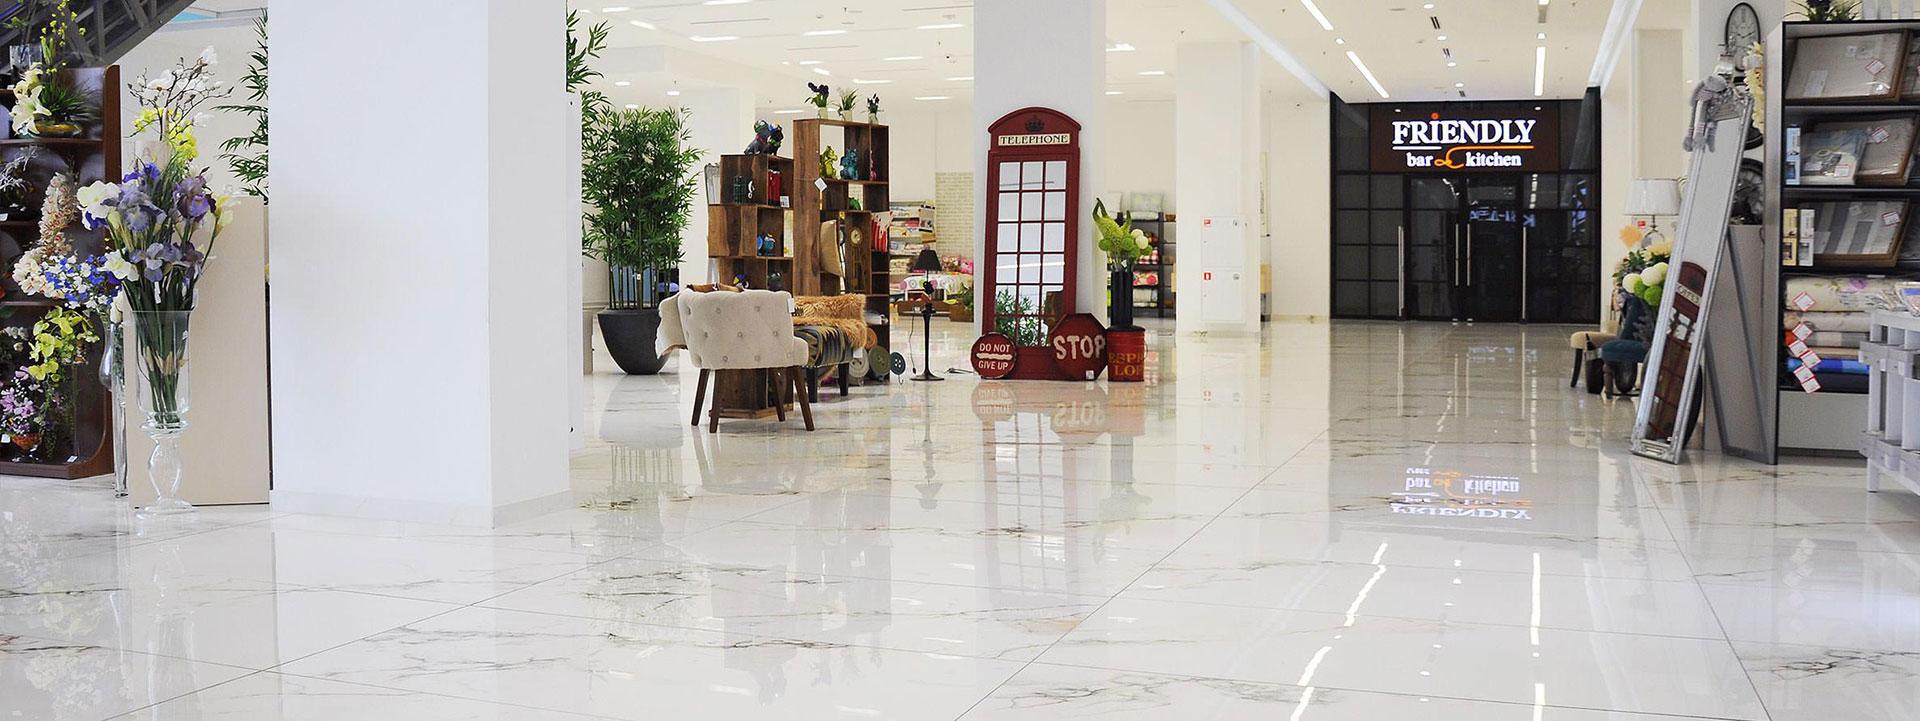 Gres Porcellanato Pavimenti.Pavimenti In Gres Porcellanato Effetto Marmo Fmg Per Centri